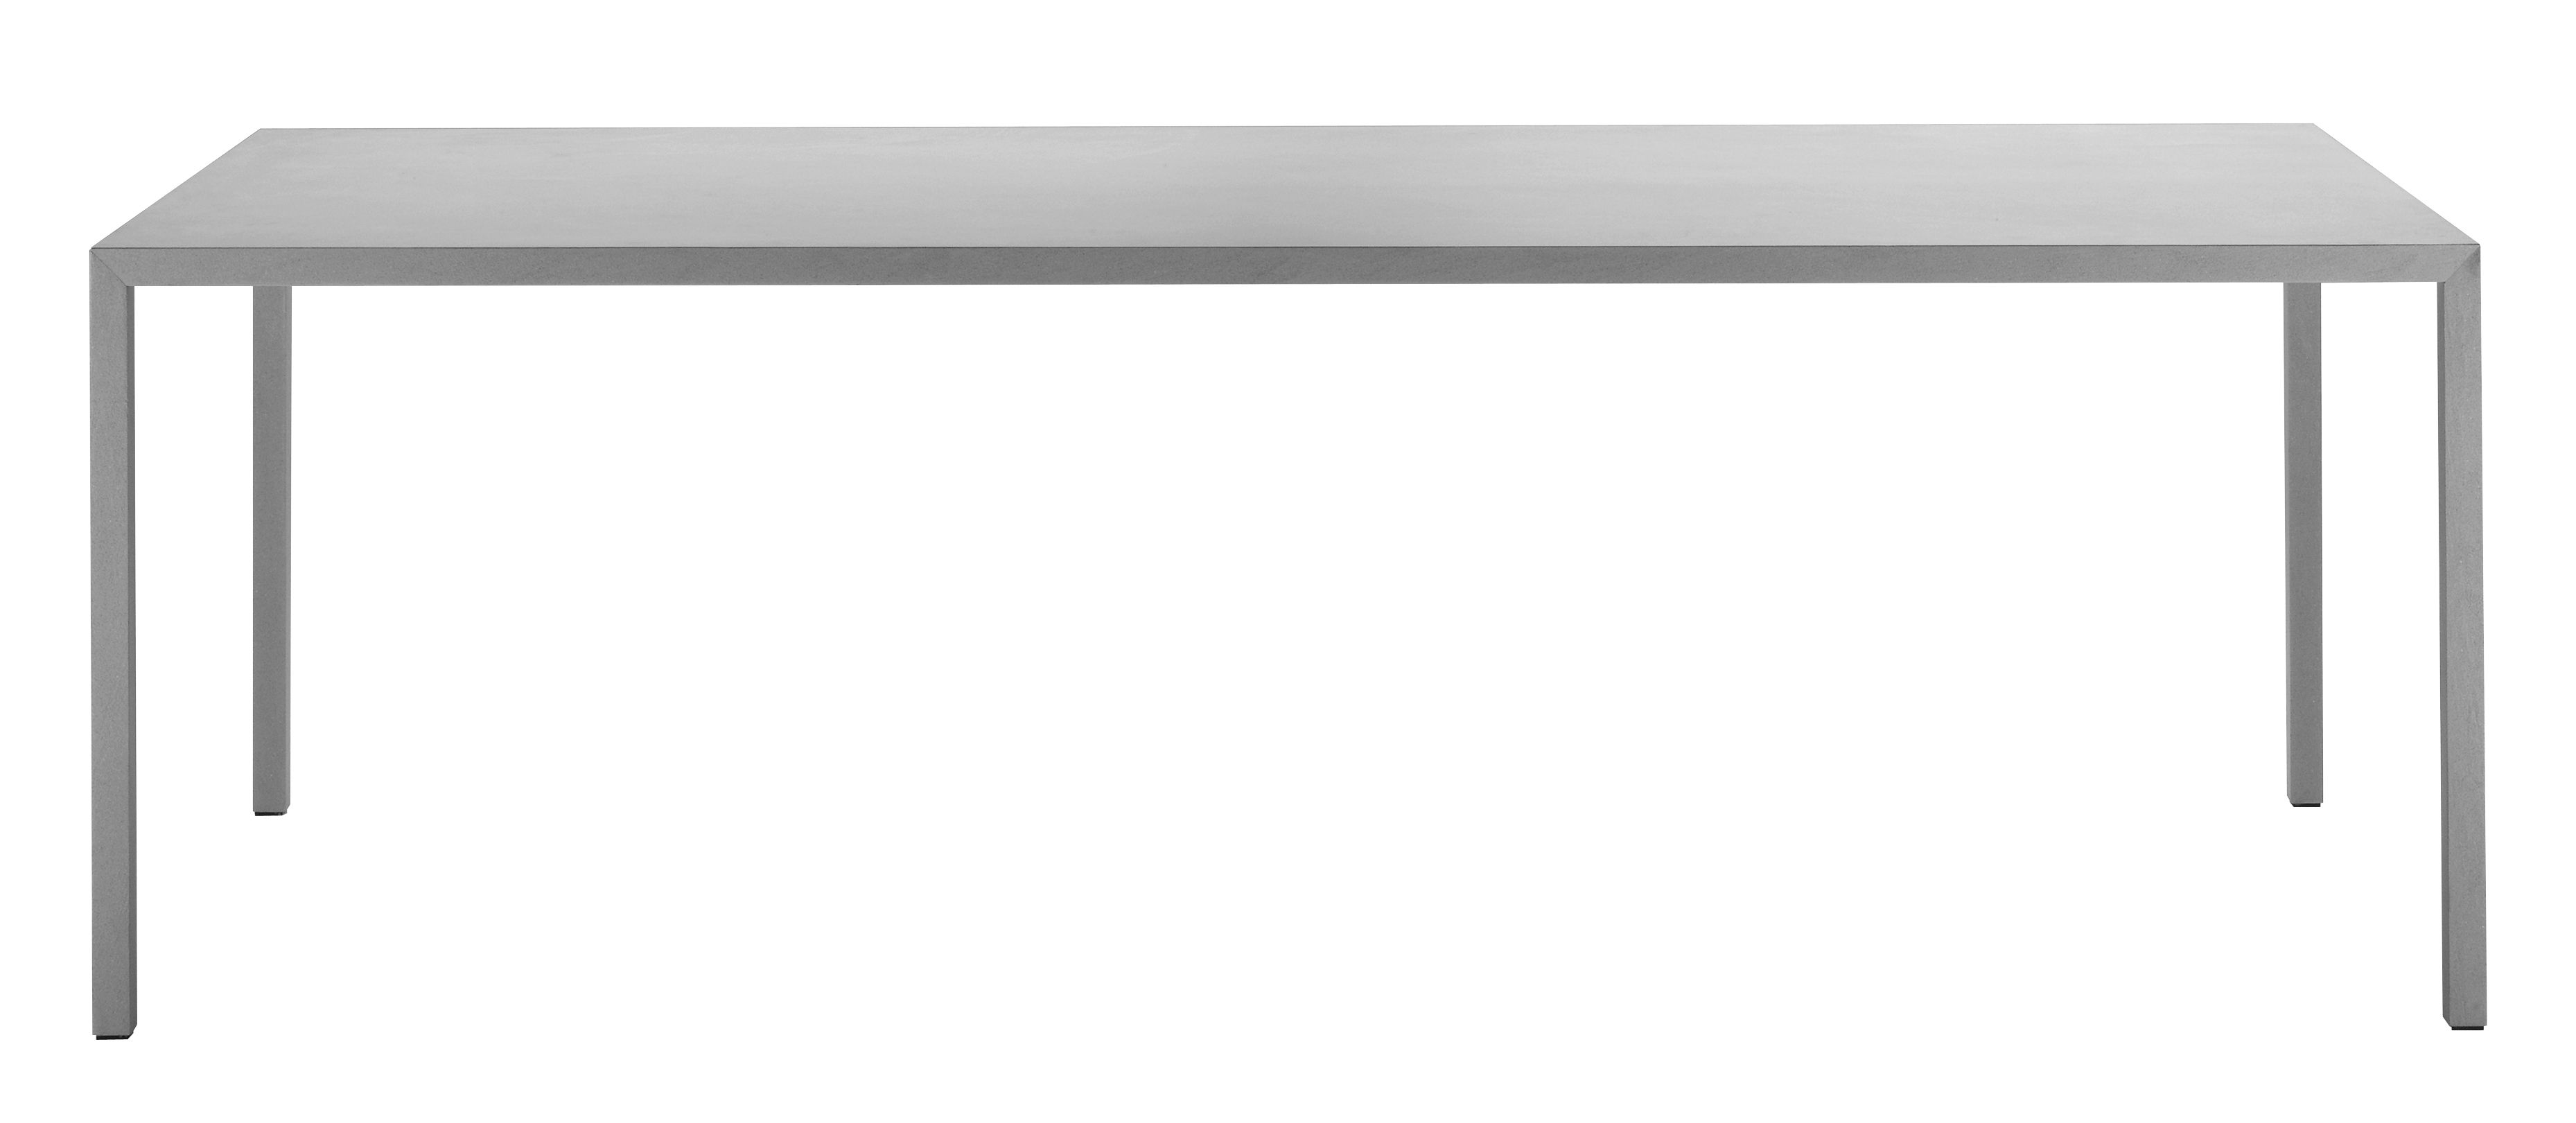 Möbel - Tische - Tense Material rechteckiger Tisch 90 x 200 cm - Stein - MDF Italia - Grauer Stein - Stein-Furnier, Verbundplatte